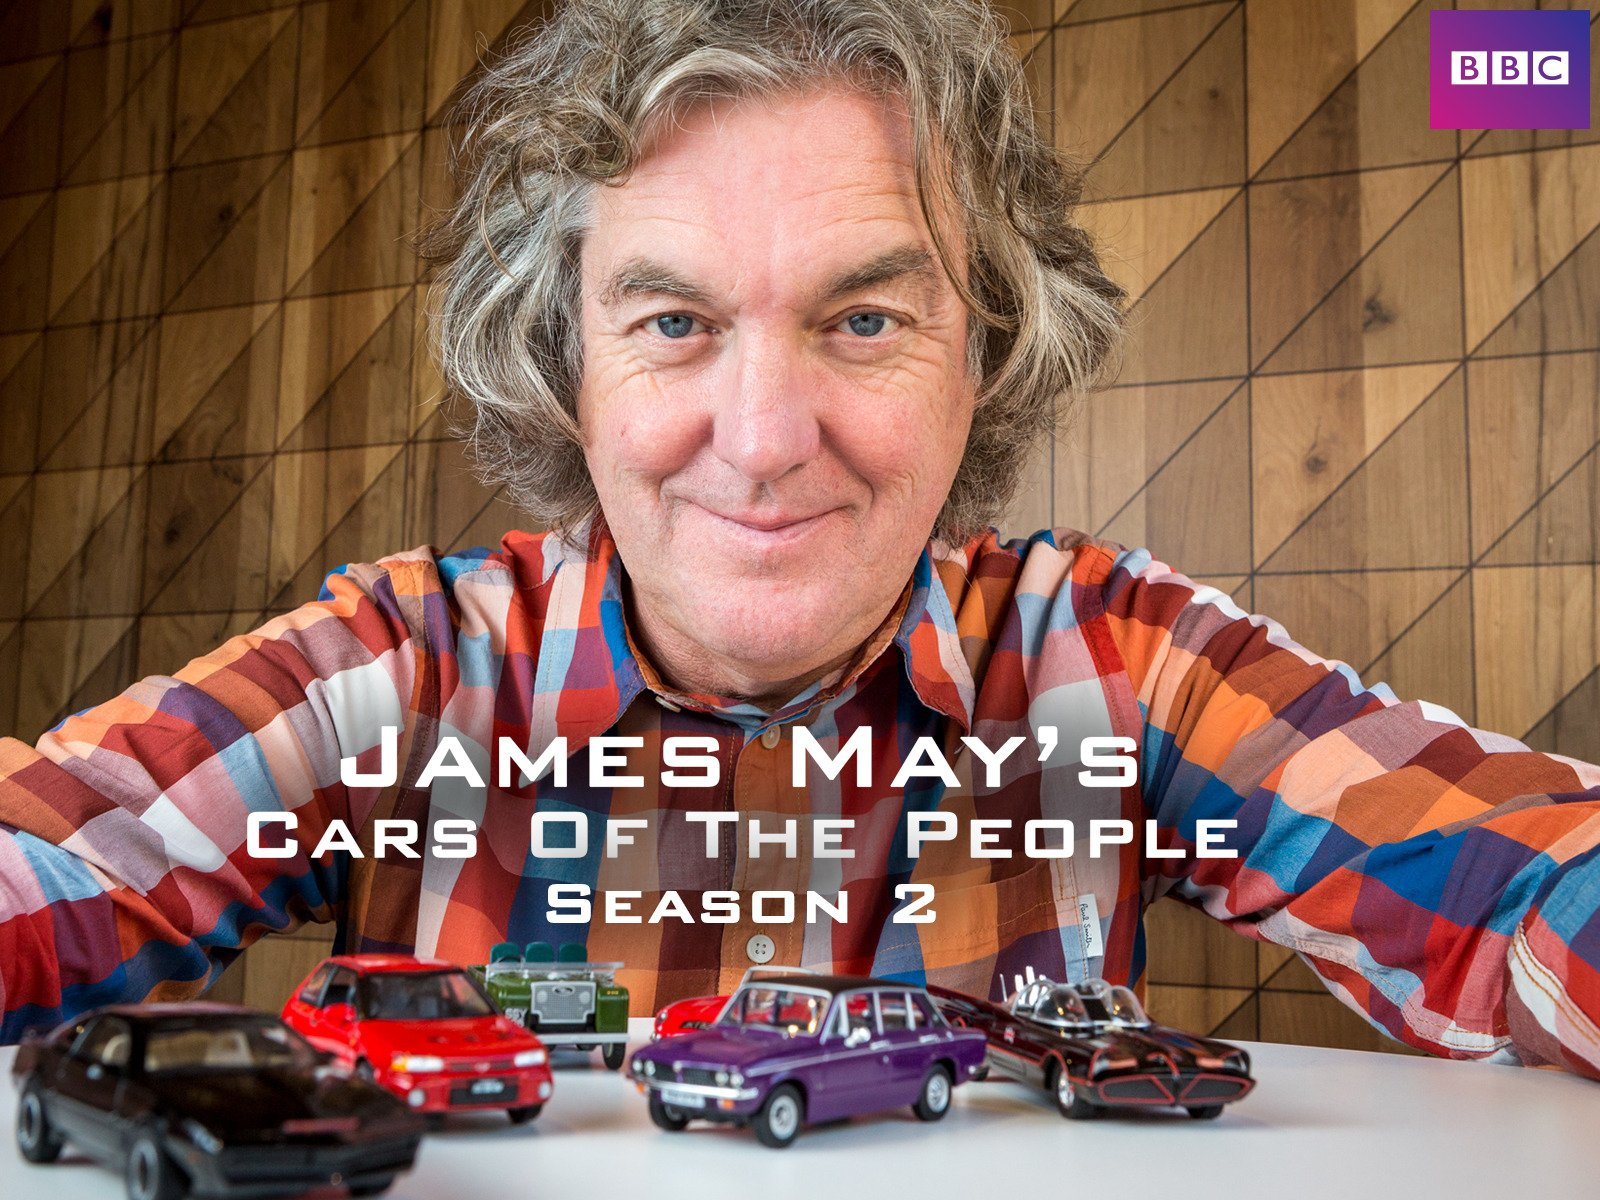 James may